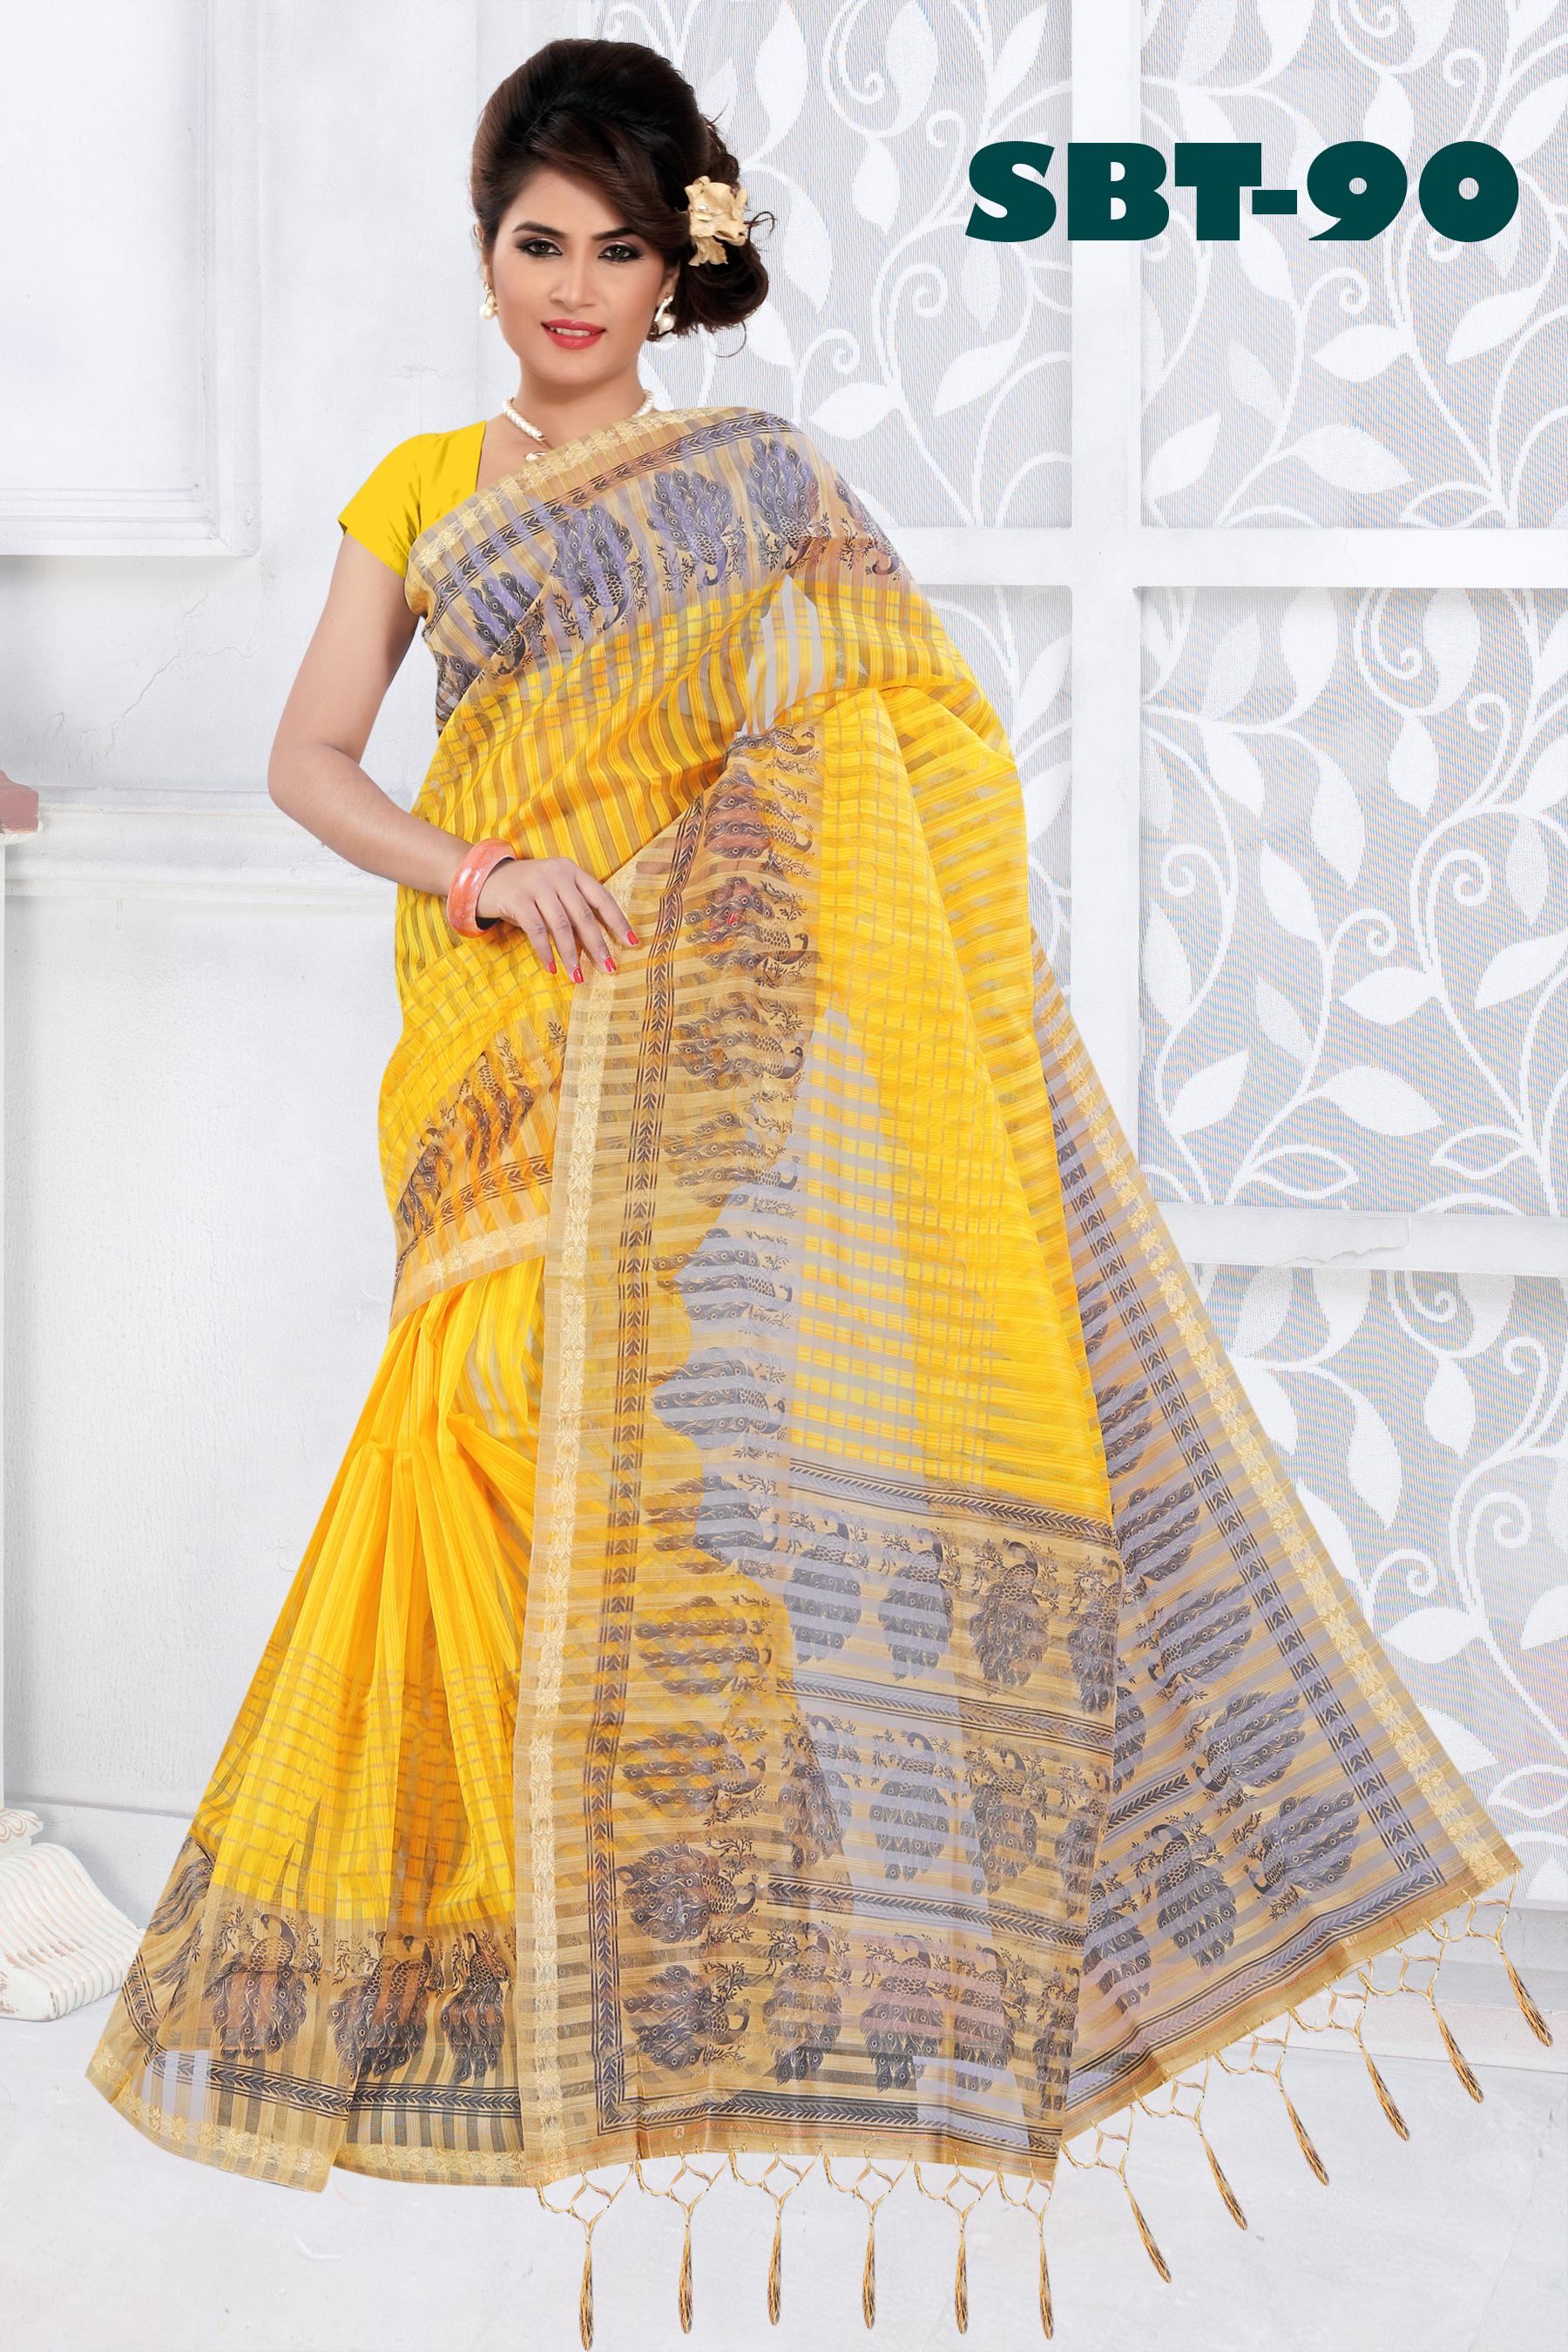 New Saniya patti